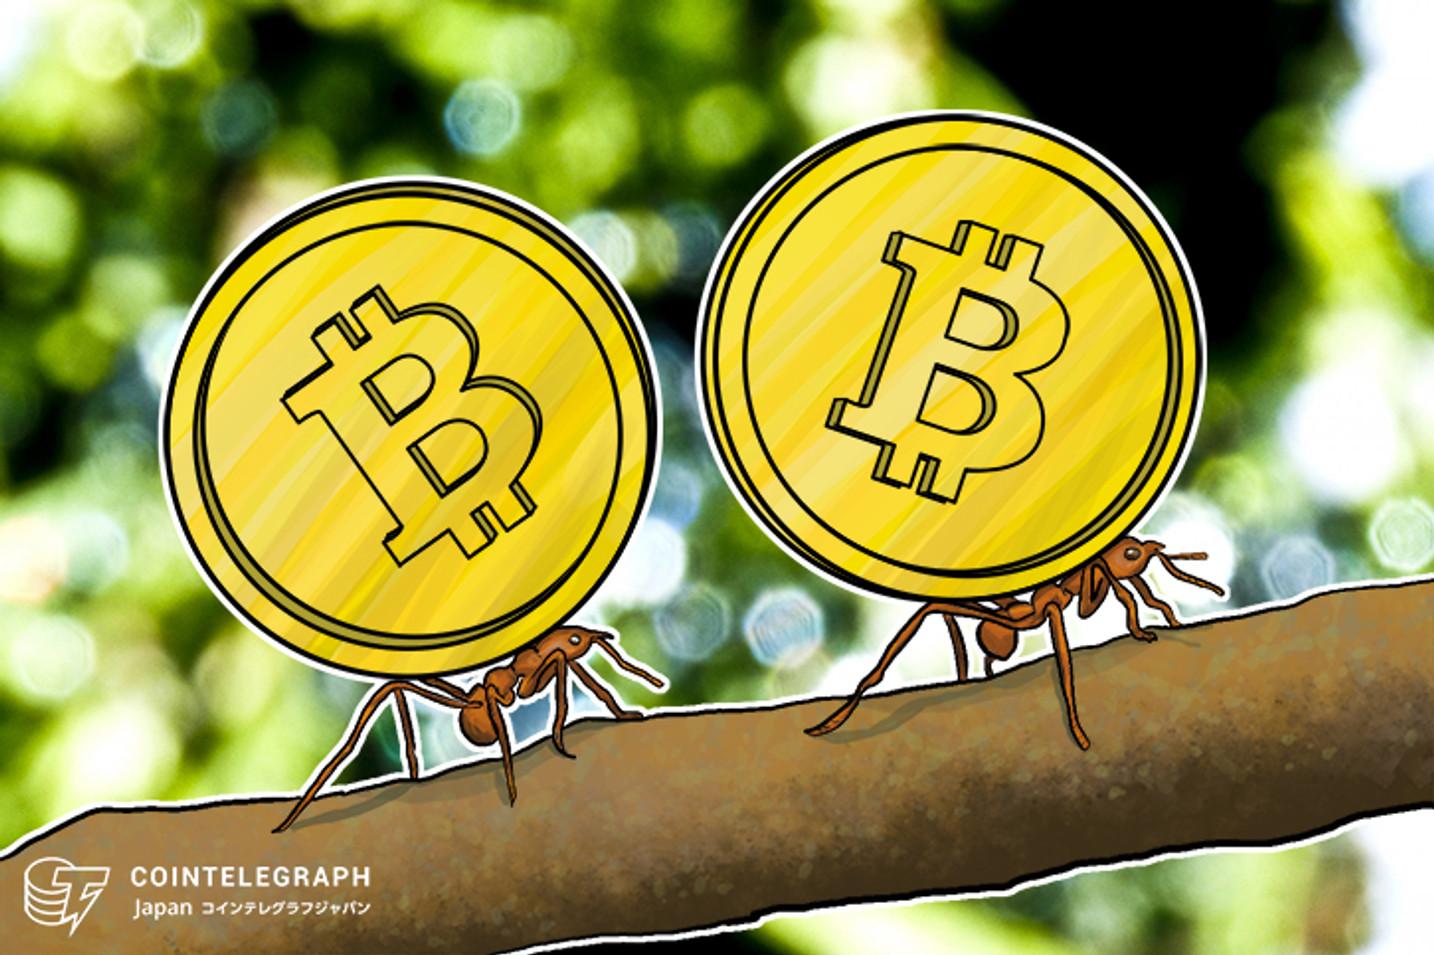 新たな仮想通貨の聖地誕生?ポイントとして利用できる仮想通貨発行のシーシャカフェ